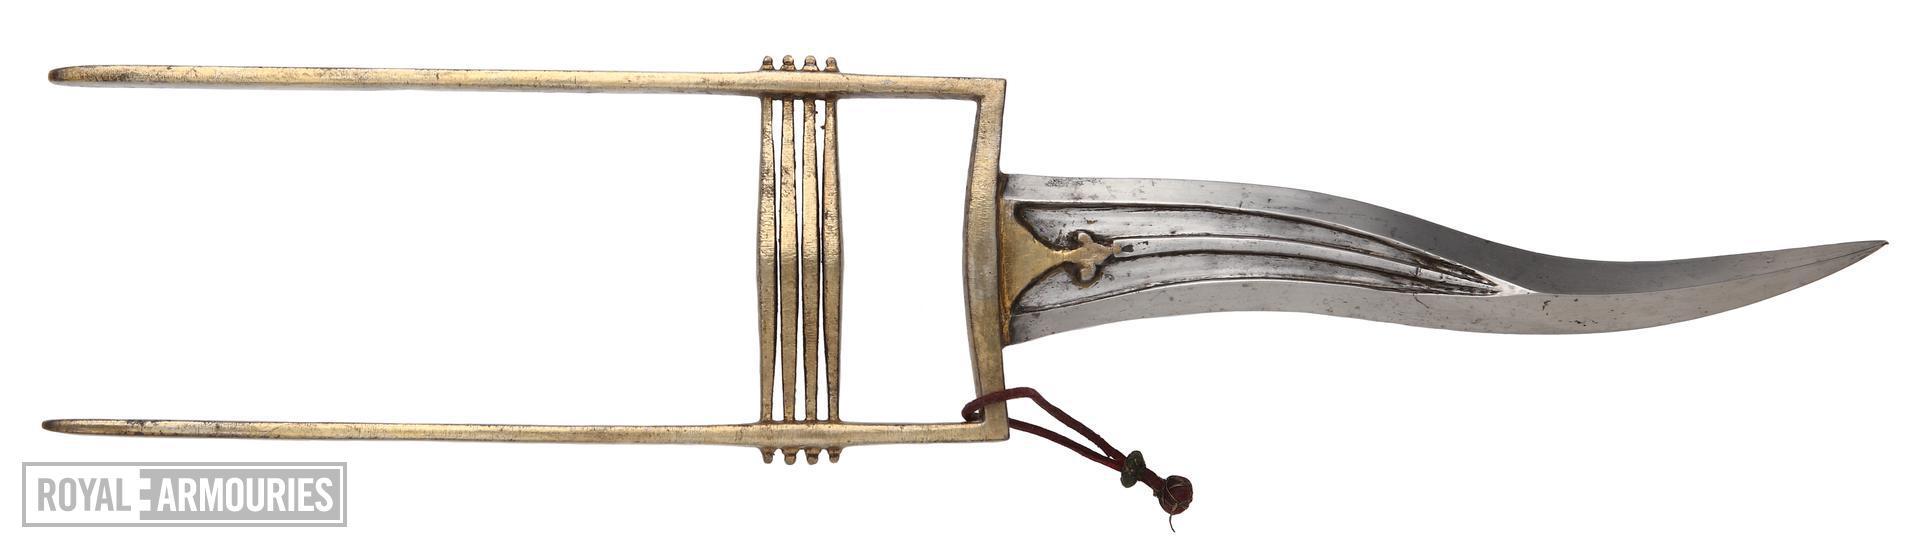 Dagger (katar) and scabbard